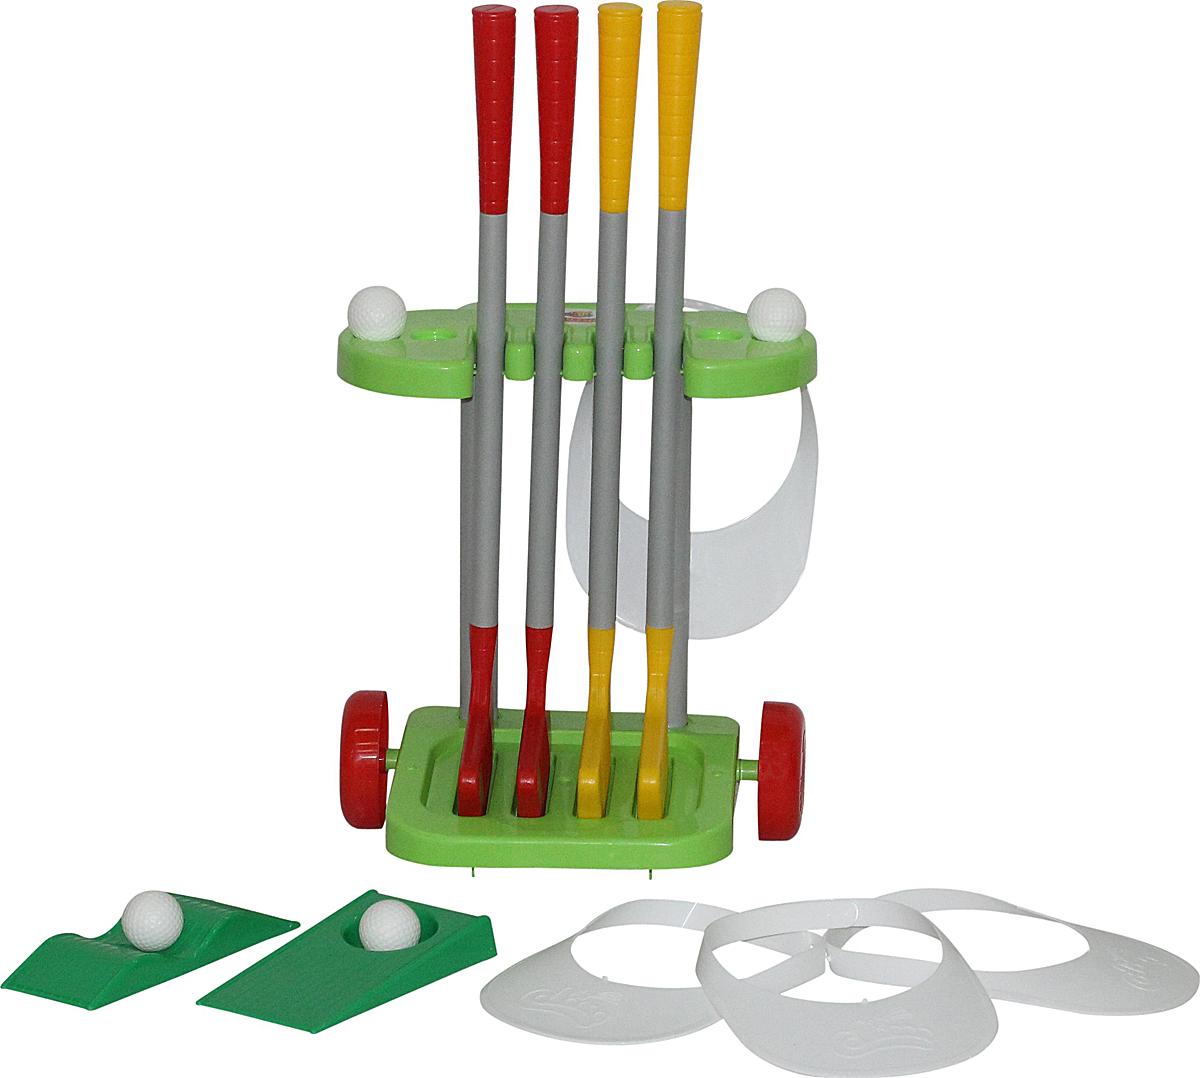 Полесье Игровой набор Гольф-2, цвет в ассортименте04Гольф для детей очень полезен: развивает координацию движений, улучшает меткость и внимательность, а также учит ребенка достойно вести себя в игре.Набор компактен и удобен в хранении. С этим замечательным набором дети смогут устроить настоящий любительский турнир за звание лучшего гольфиста. Уважаемые клиенты! Обращаем ваше внимание на цветовой ассортимент товара. Поставка осуществляется в зависимости от наличия на складе.